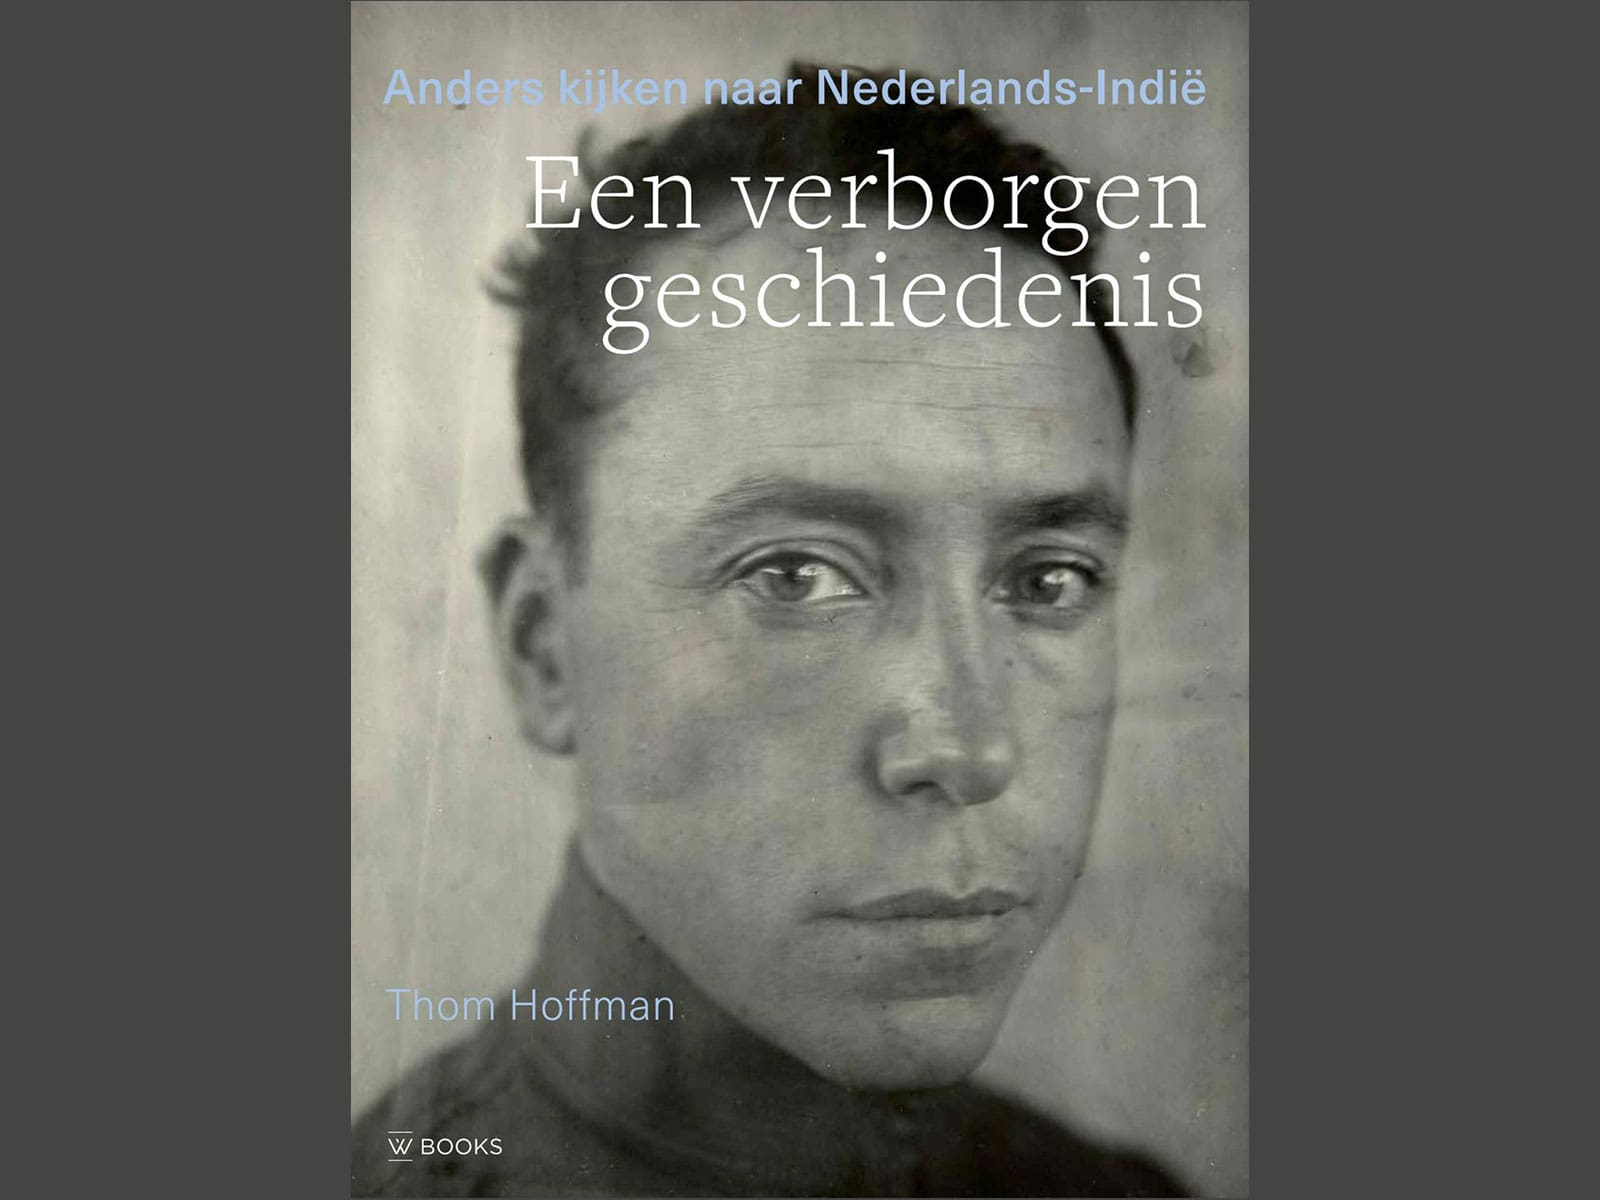 blog dossier indie wereldmuseum rotterdam 5 fotoboek verborgen geschiedenis thom hoffman